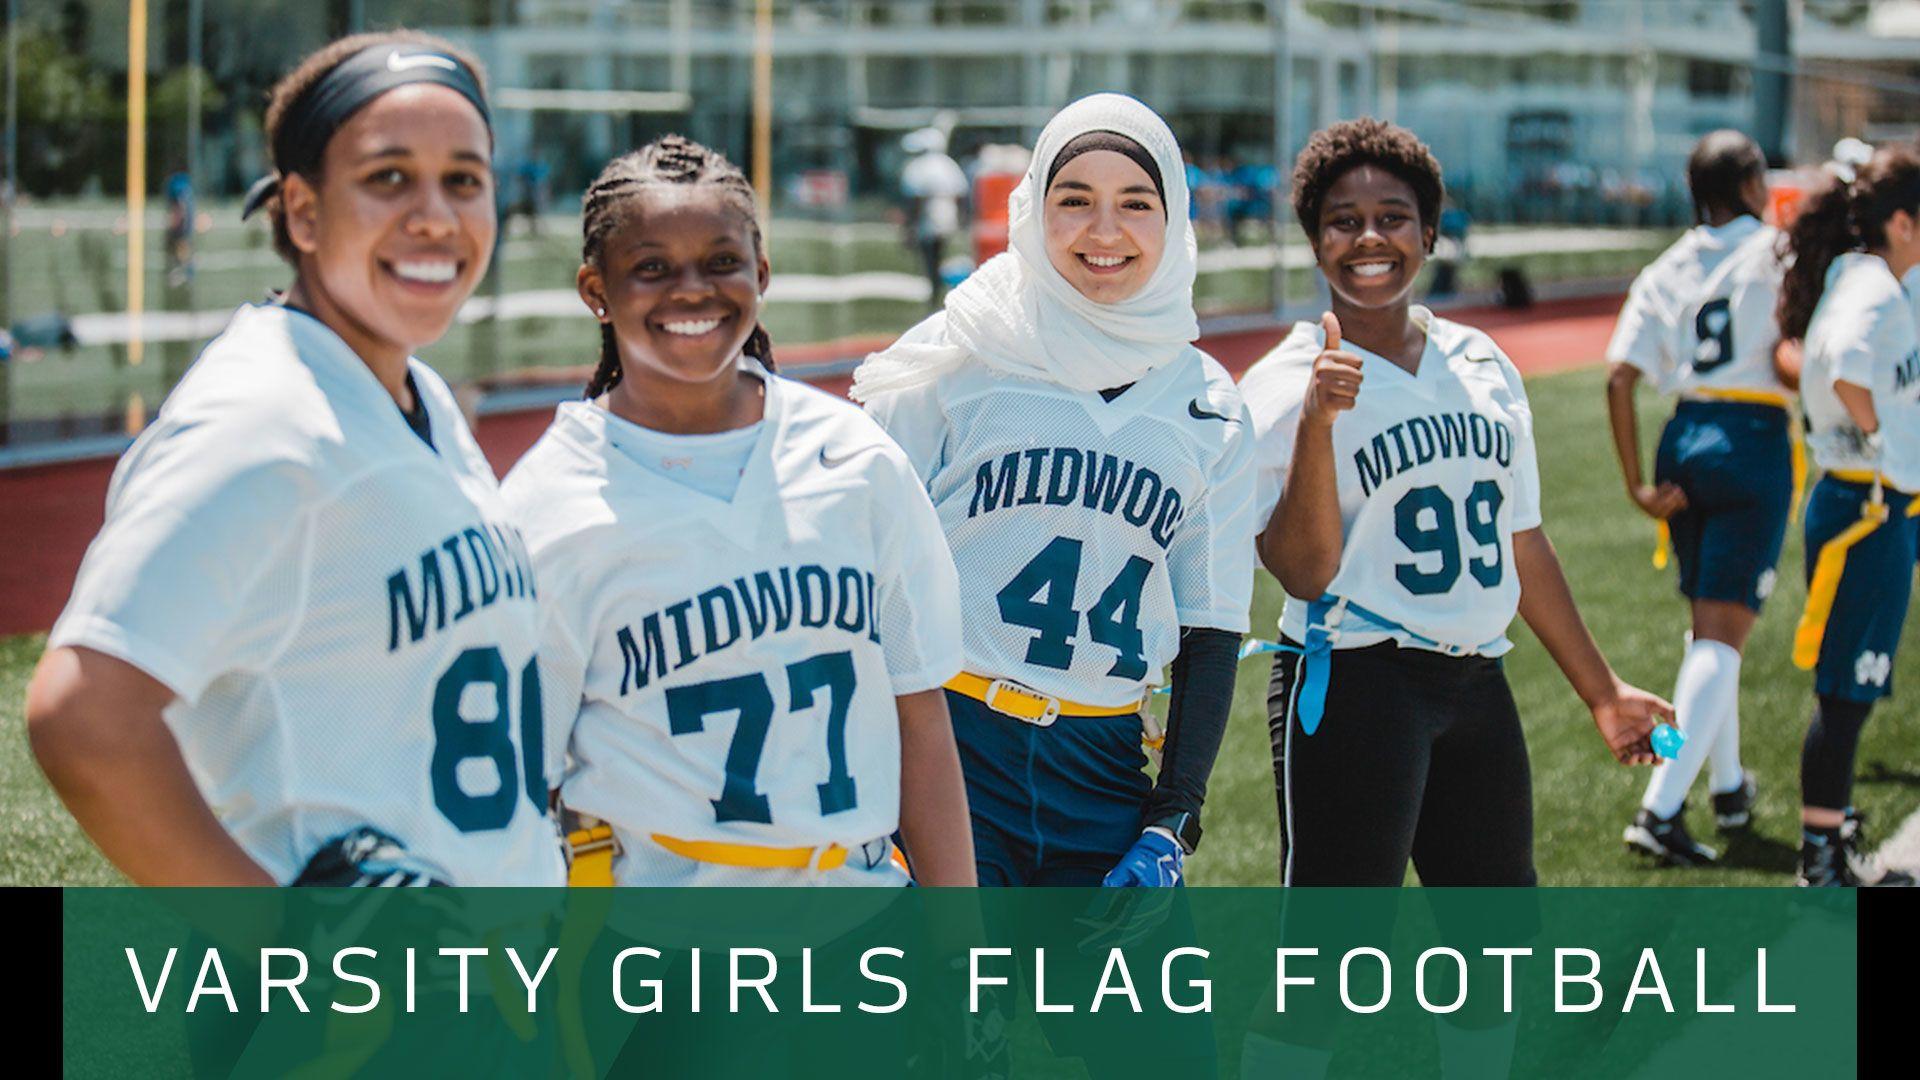 varity-girls-flag-football